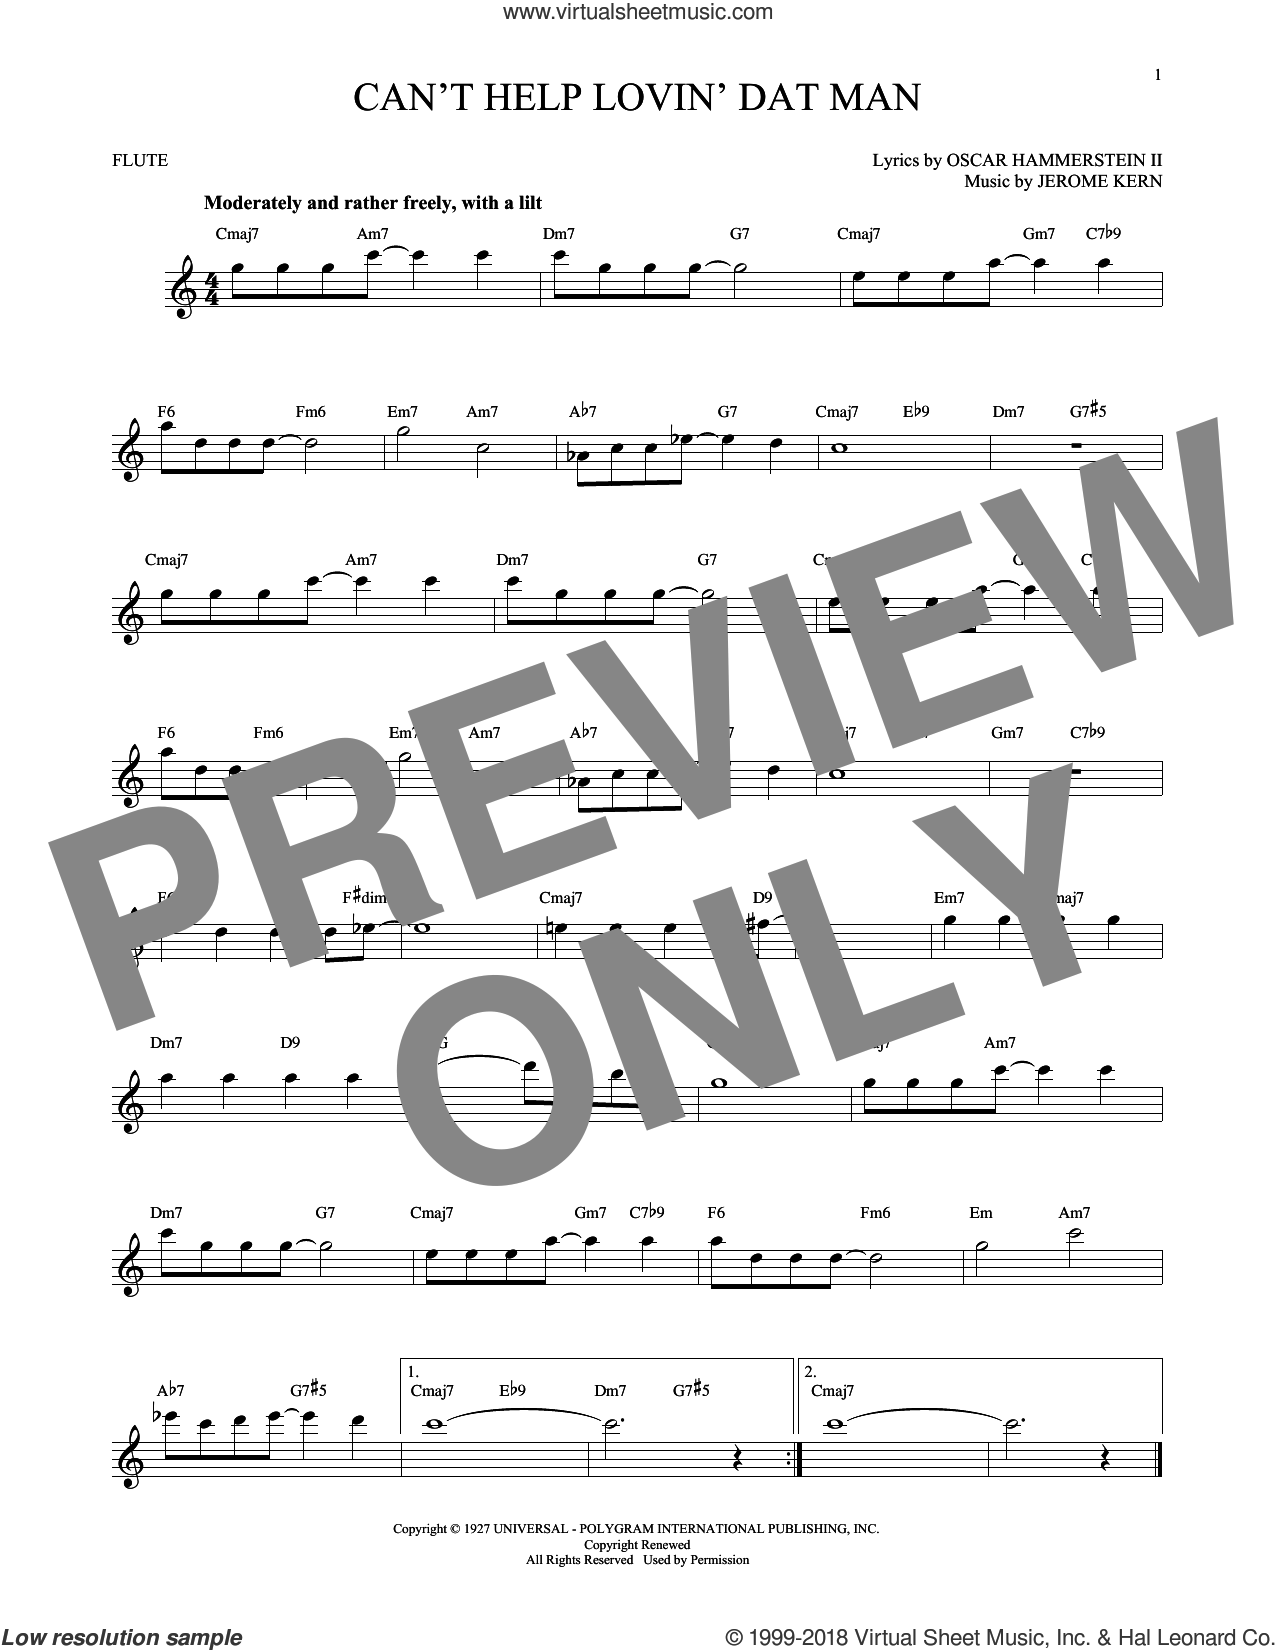 Can't Help Lovin' Dat Man sheet music for flute solo by Oscar II Hammerstein, Annette Warren, Helen Morgan and Jerome Kern, intermediate skill level